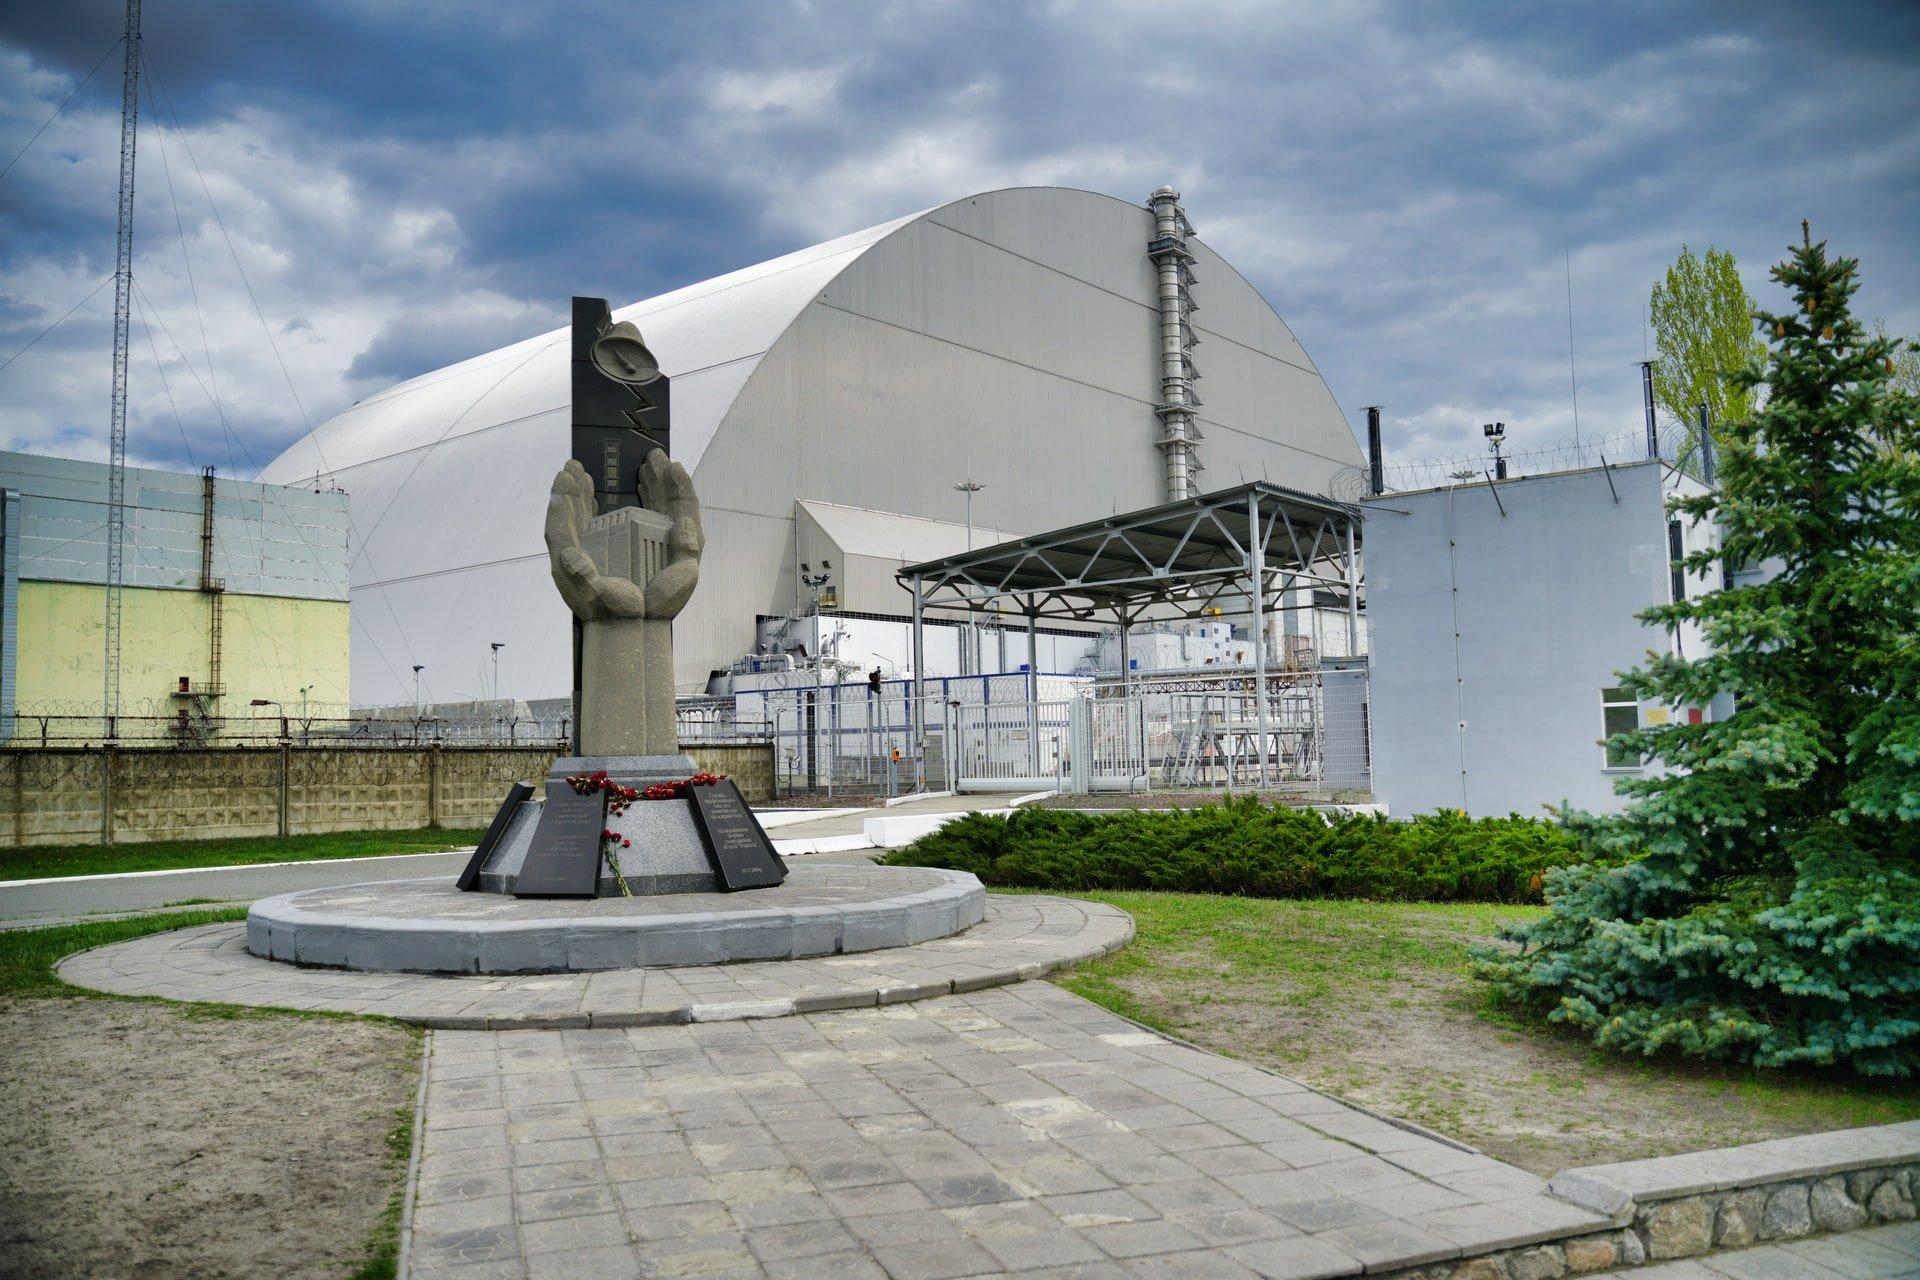 Sarcophagus over Unit 4 reactor (photo: Michael Lis, Unsplash)